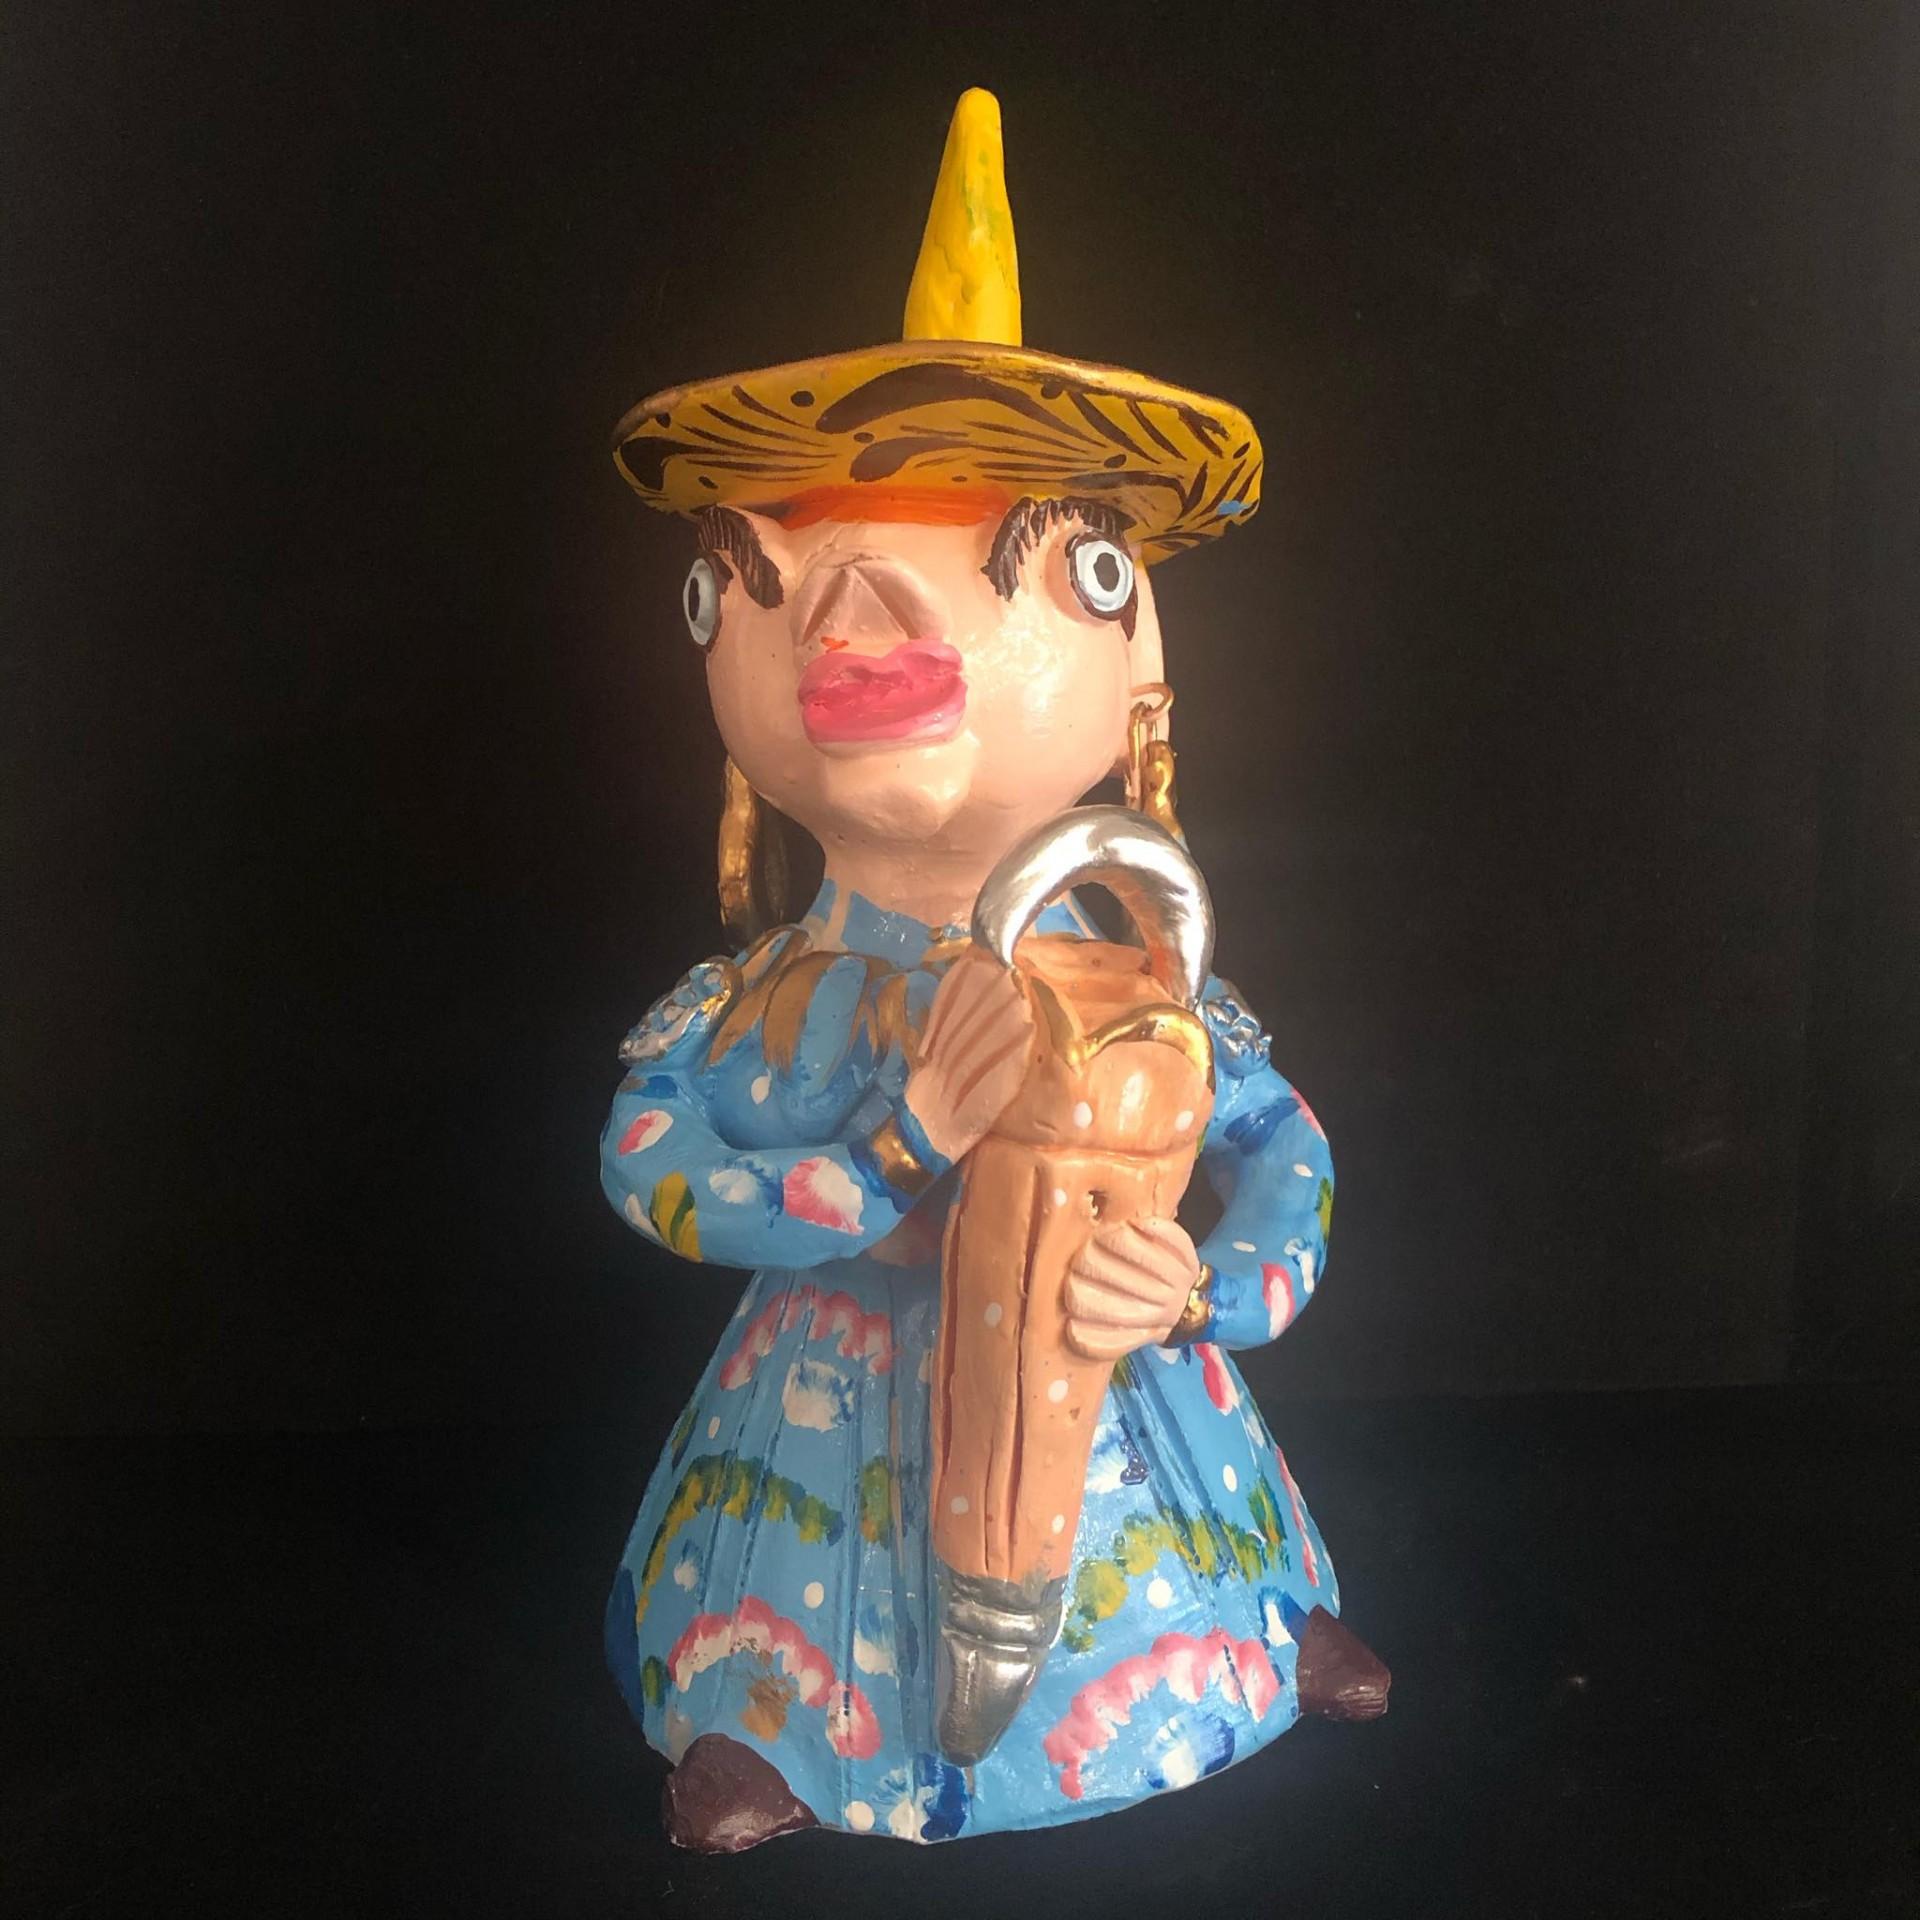 Boneca com chapéu de chuva